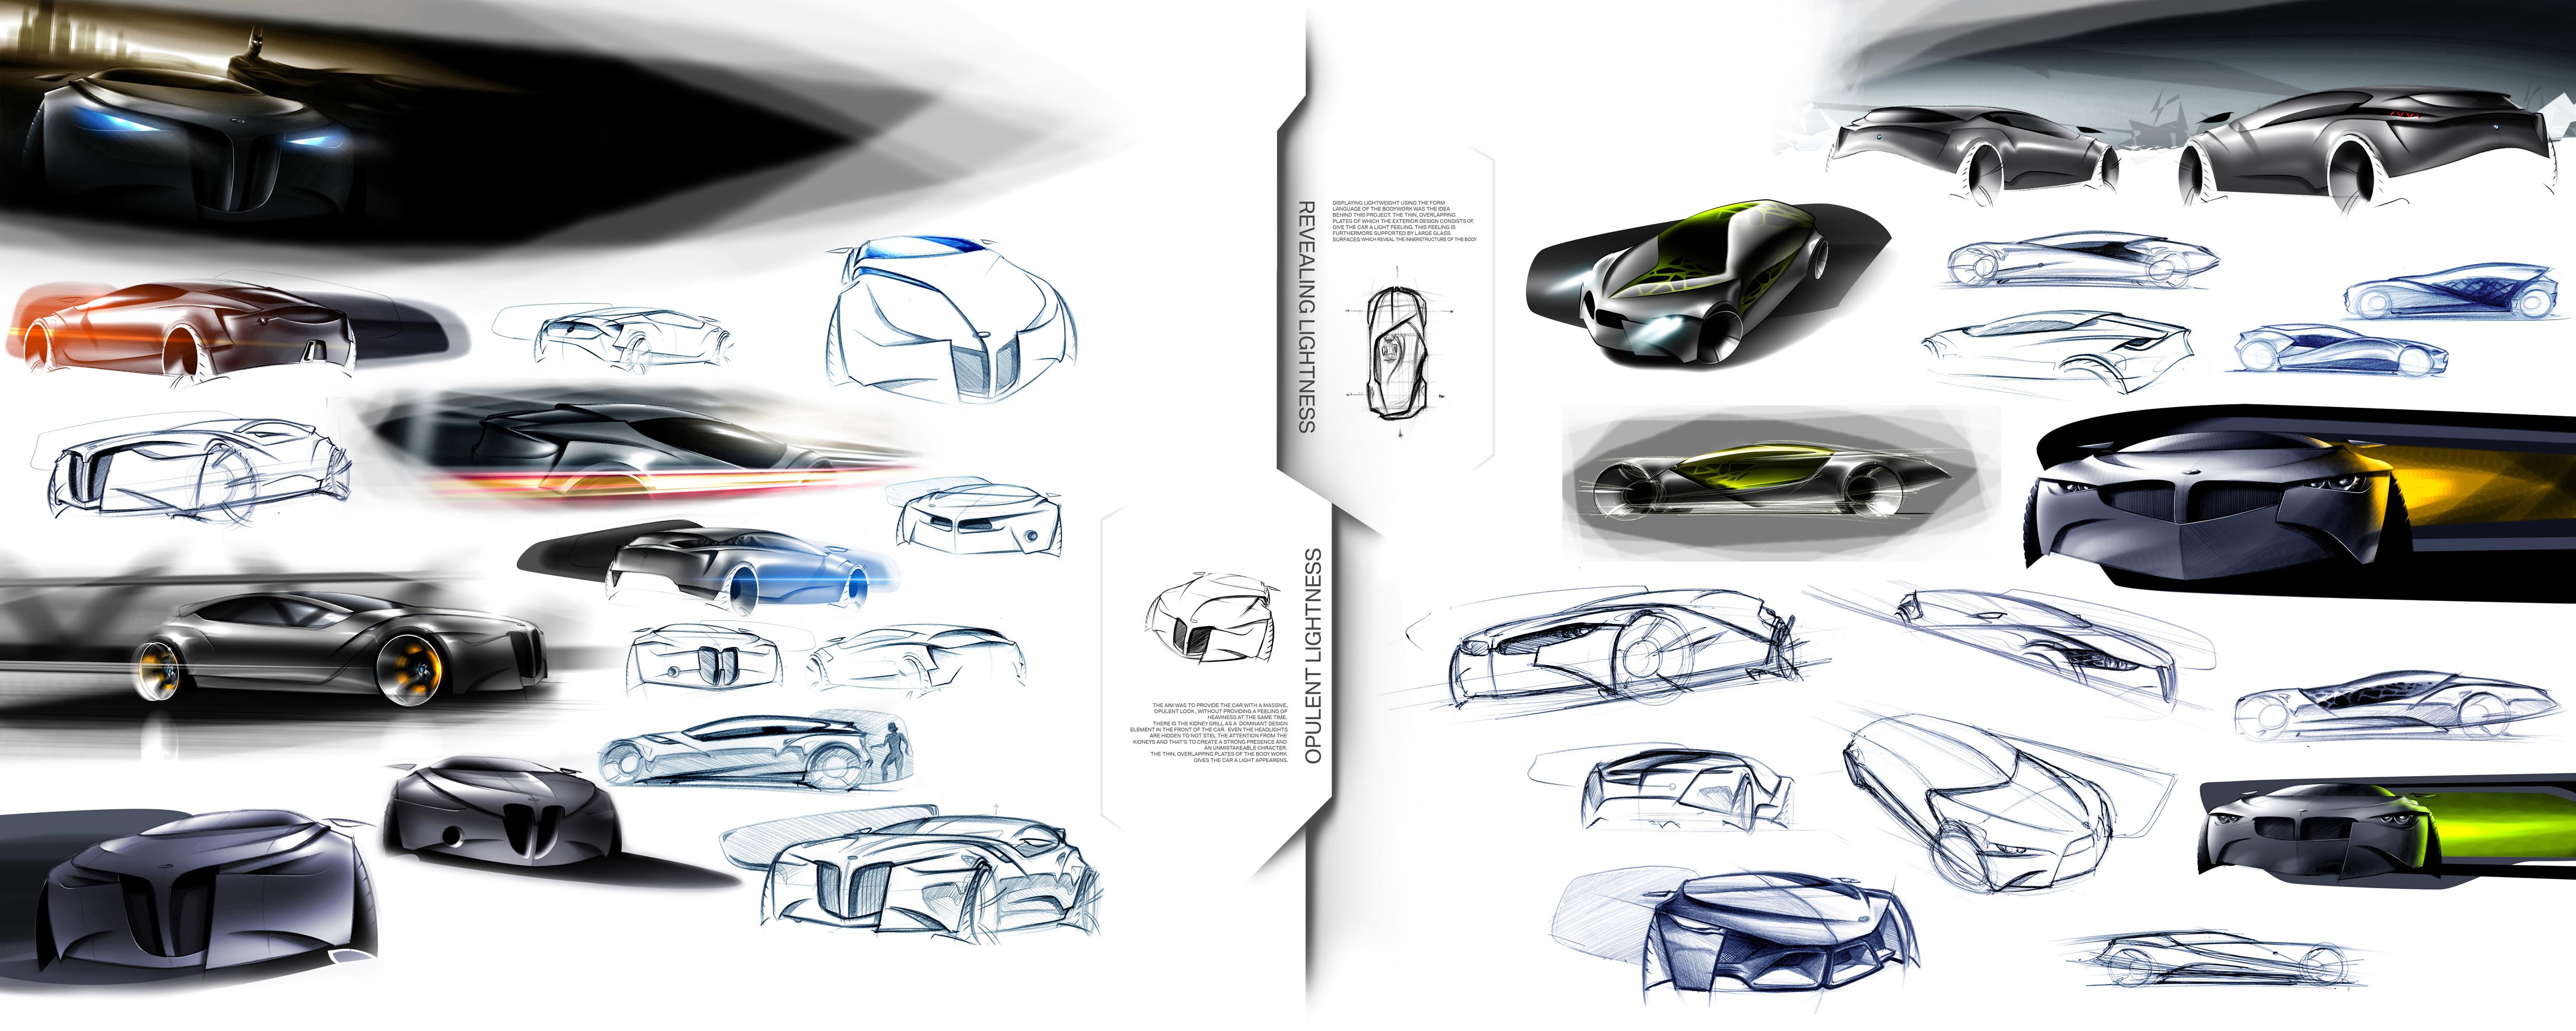 Re: BMW M1 Concept car 2008